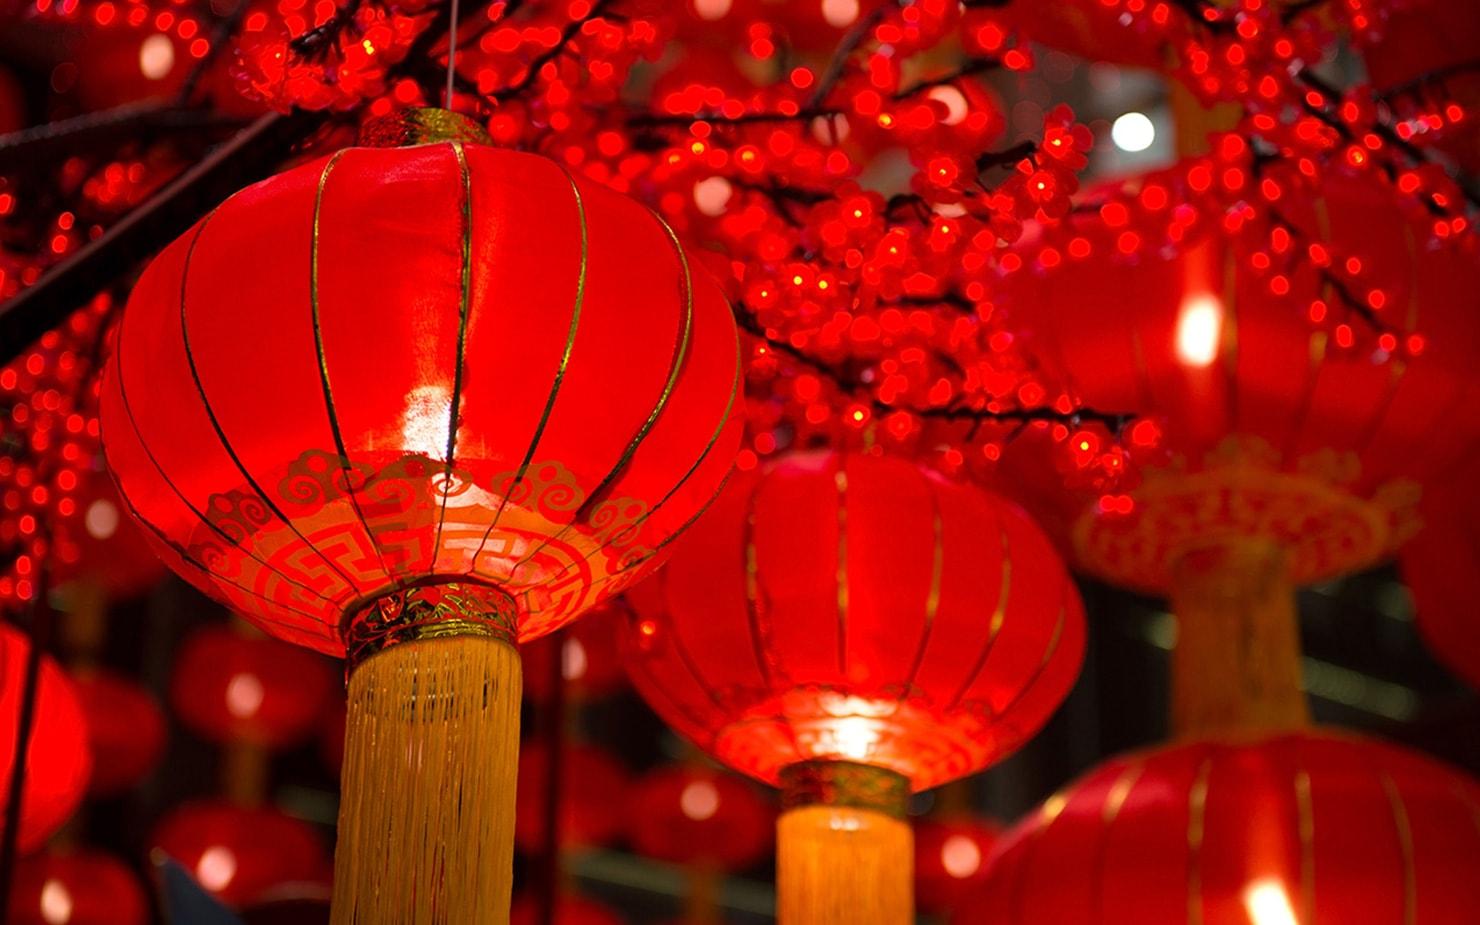 Kumpulan Kata Ucapan Selamat Imlek 2016 Gong Xi Fa Cai dalam Bahasa Mandarin